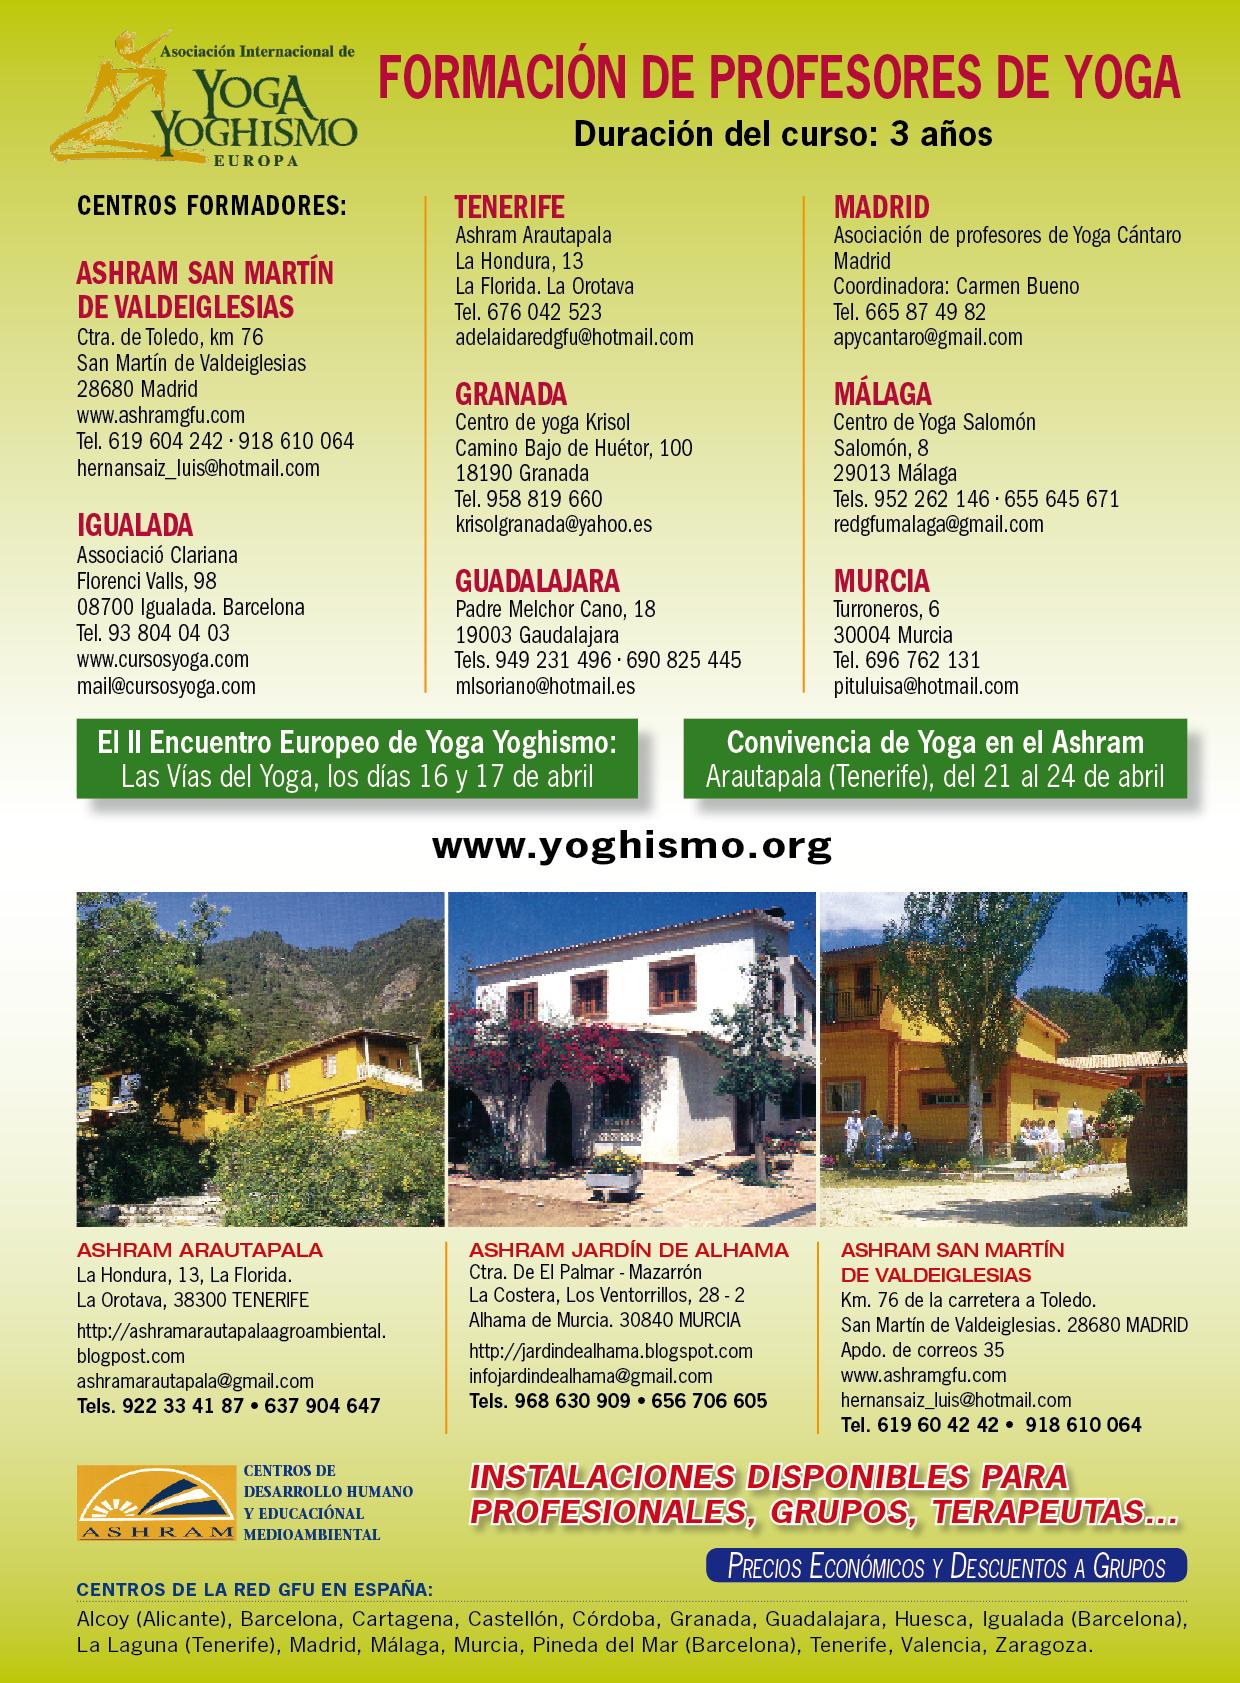 ¡Bienvenido a la página de la Asociación Internacional de Yoga Yoghismo  Europa en España! 12143e9a7561